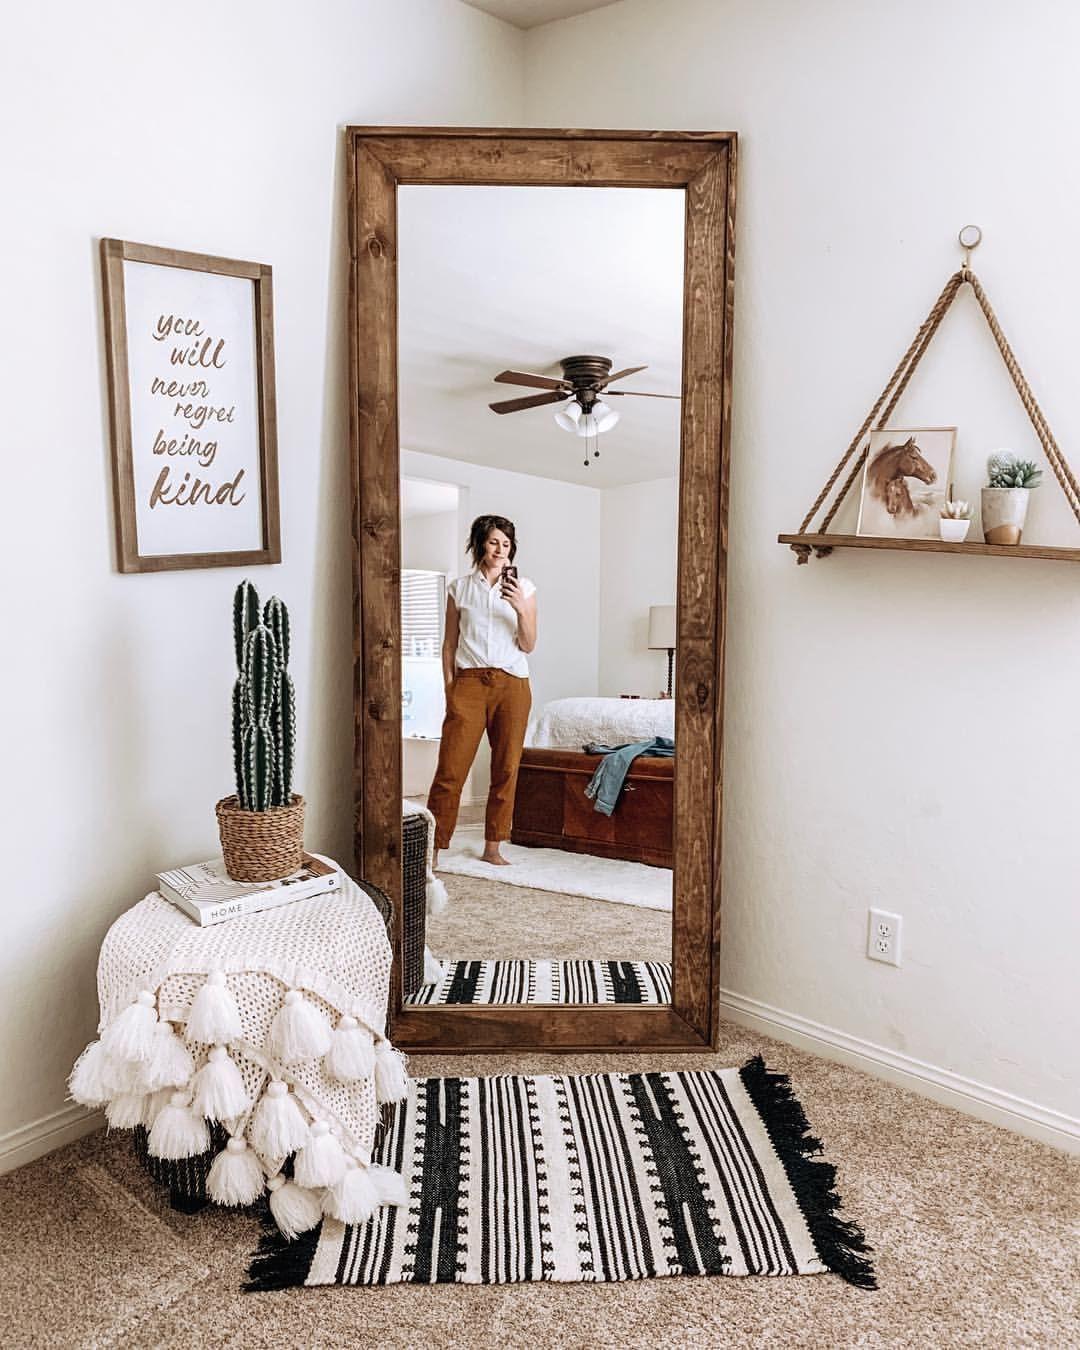 Spiegel. Holzspiegel. Ganzkörperspiegel. Schlafzimmer. Hauptschlafzimmer. Boho Bauernhaus ...